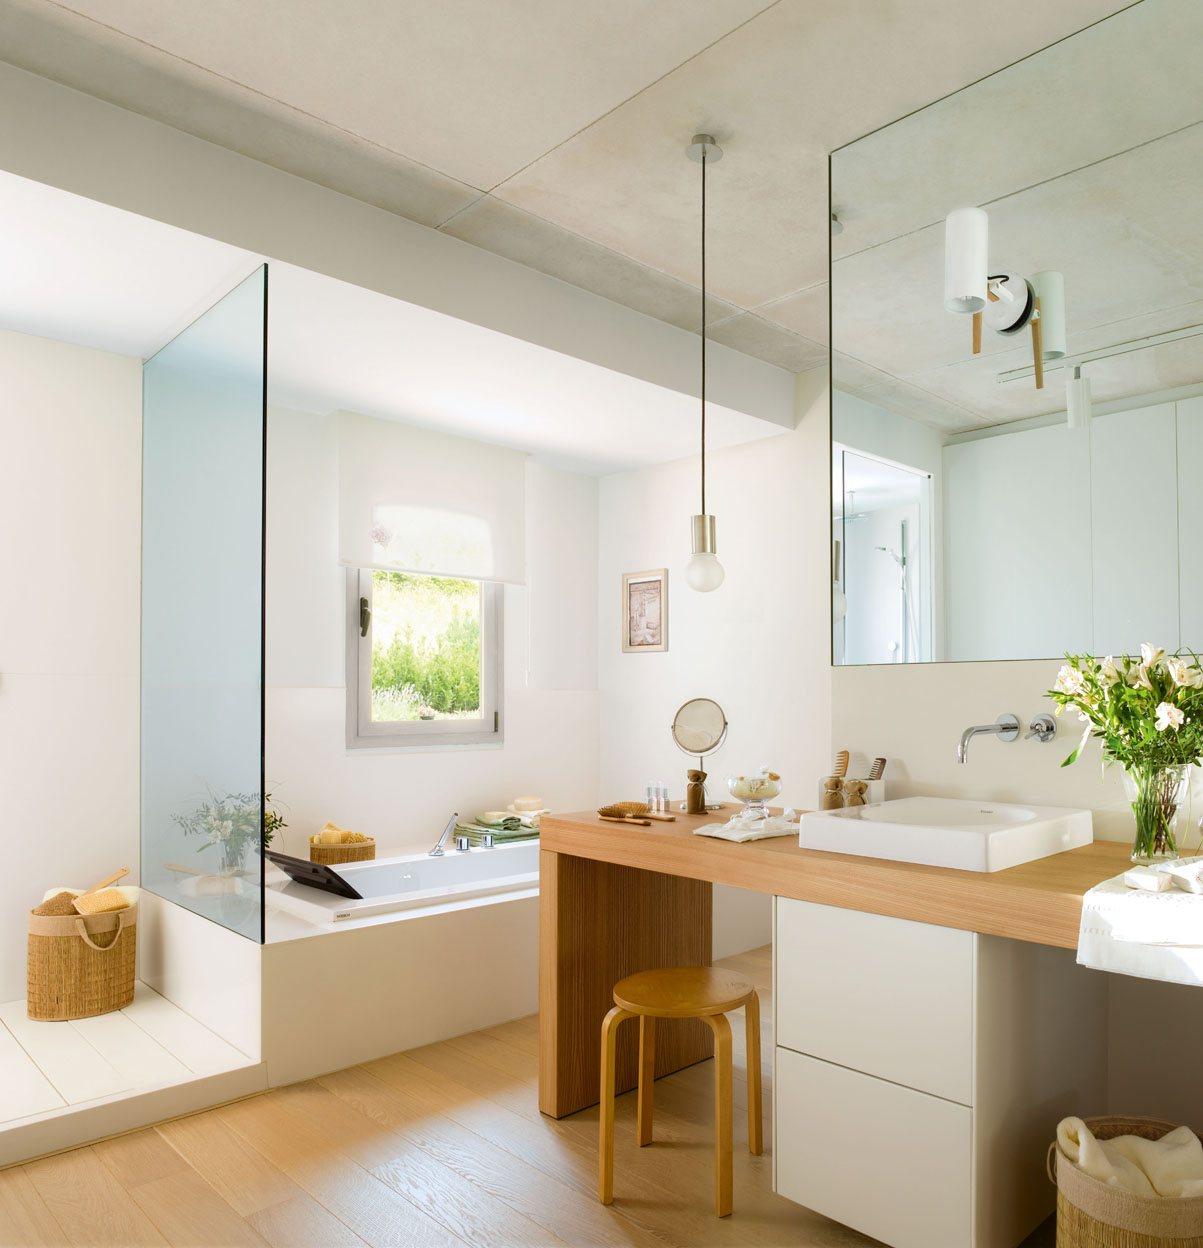 Un baño luminoso y acogedor en blanco y madera